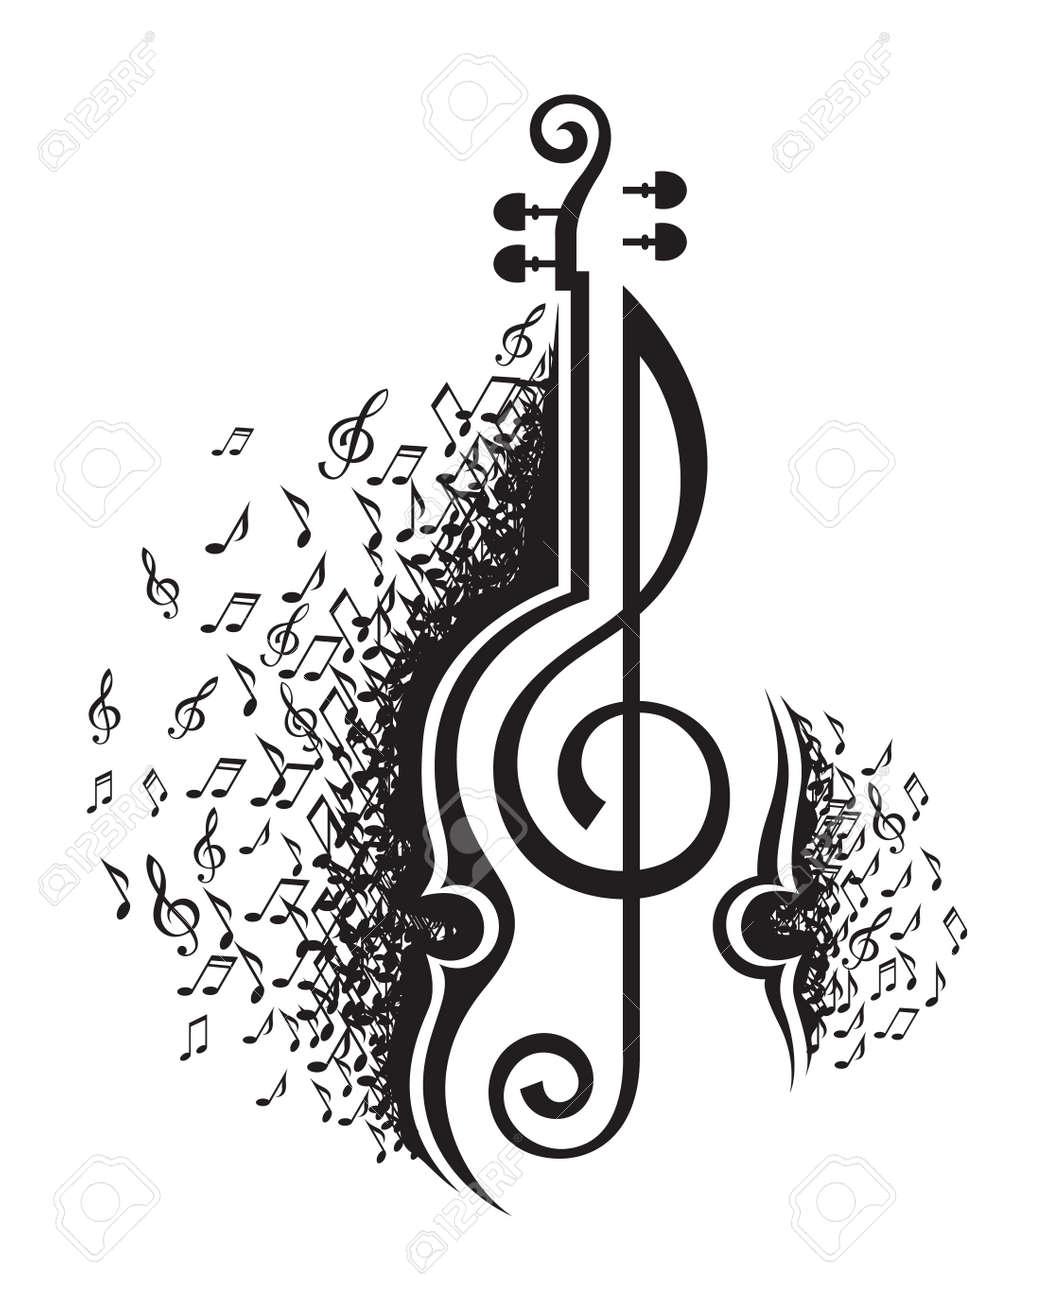 音符とヴァイオリンの白黒イラストのイラスト素材ベクタ Image 48917376